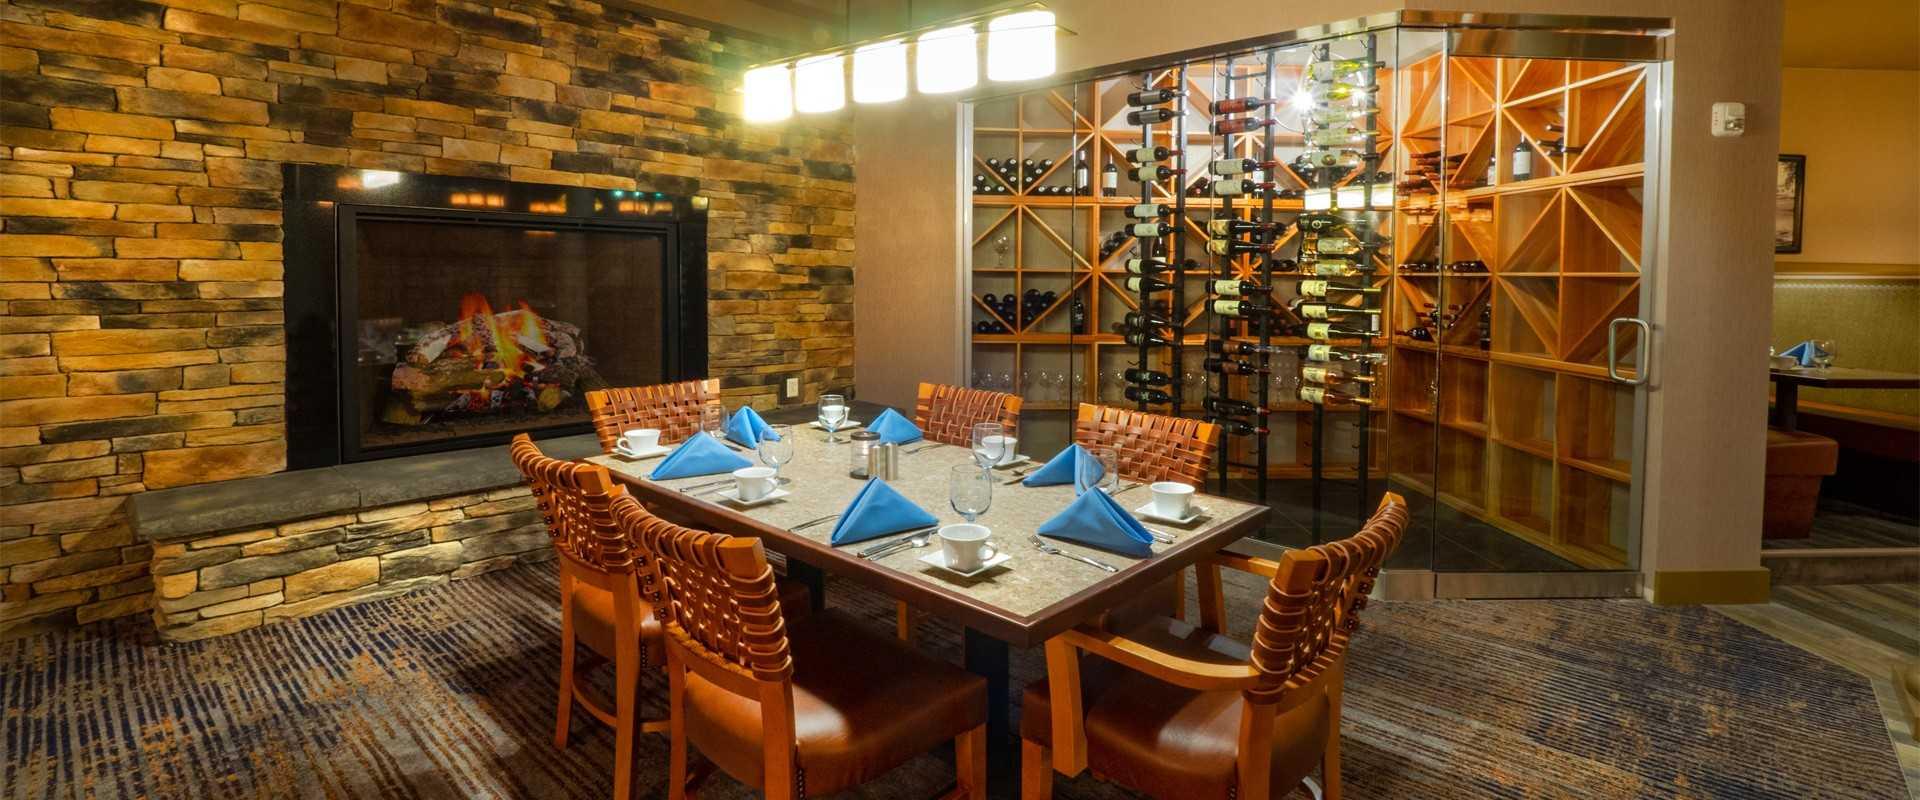 Chautauqua Harbor Hotel Dining